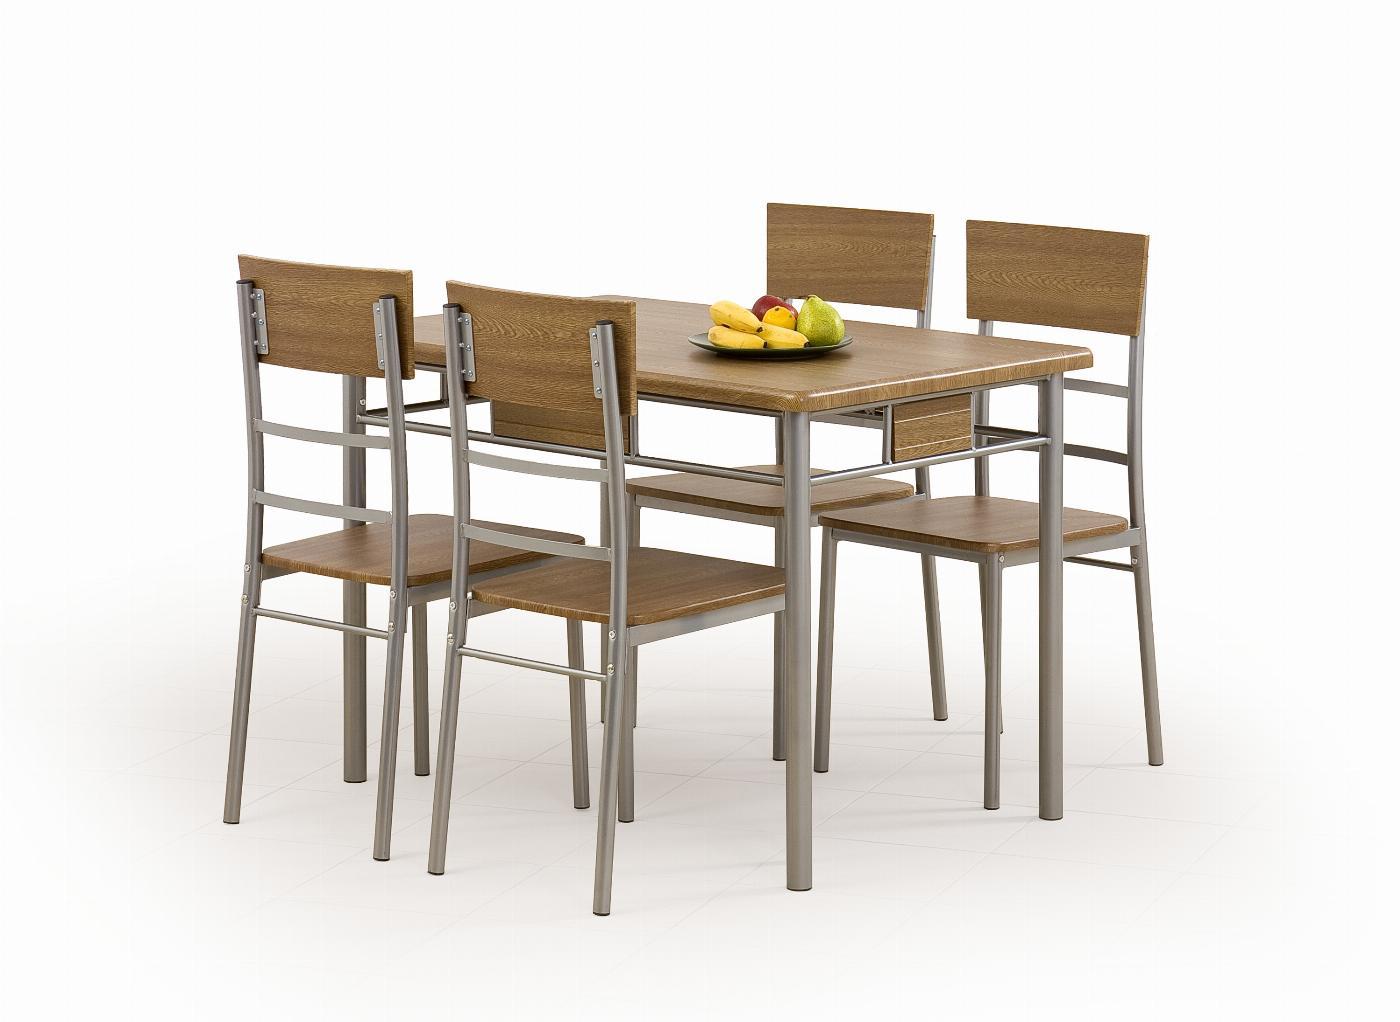 NATANIEL - NATAN zestaw stół + 4 krzesła (1kpl=1paczka)